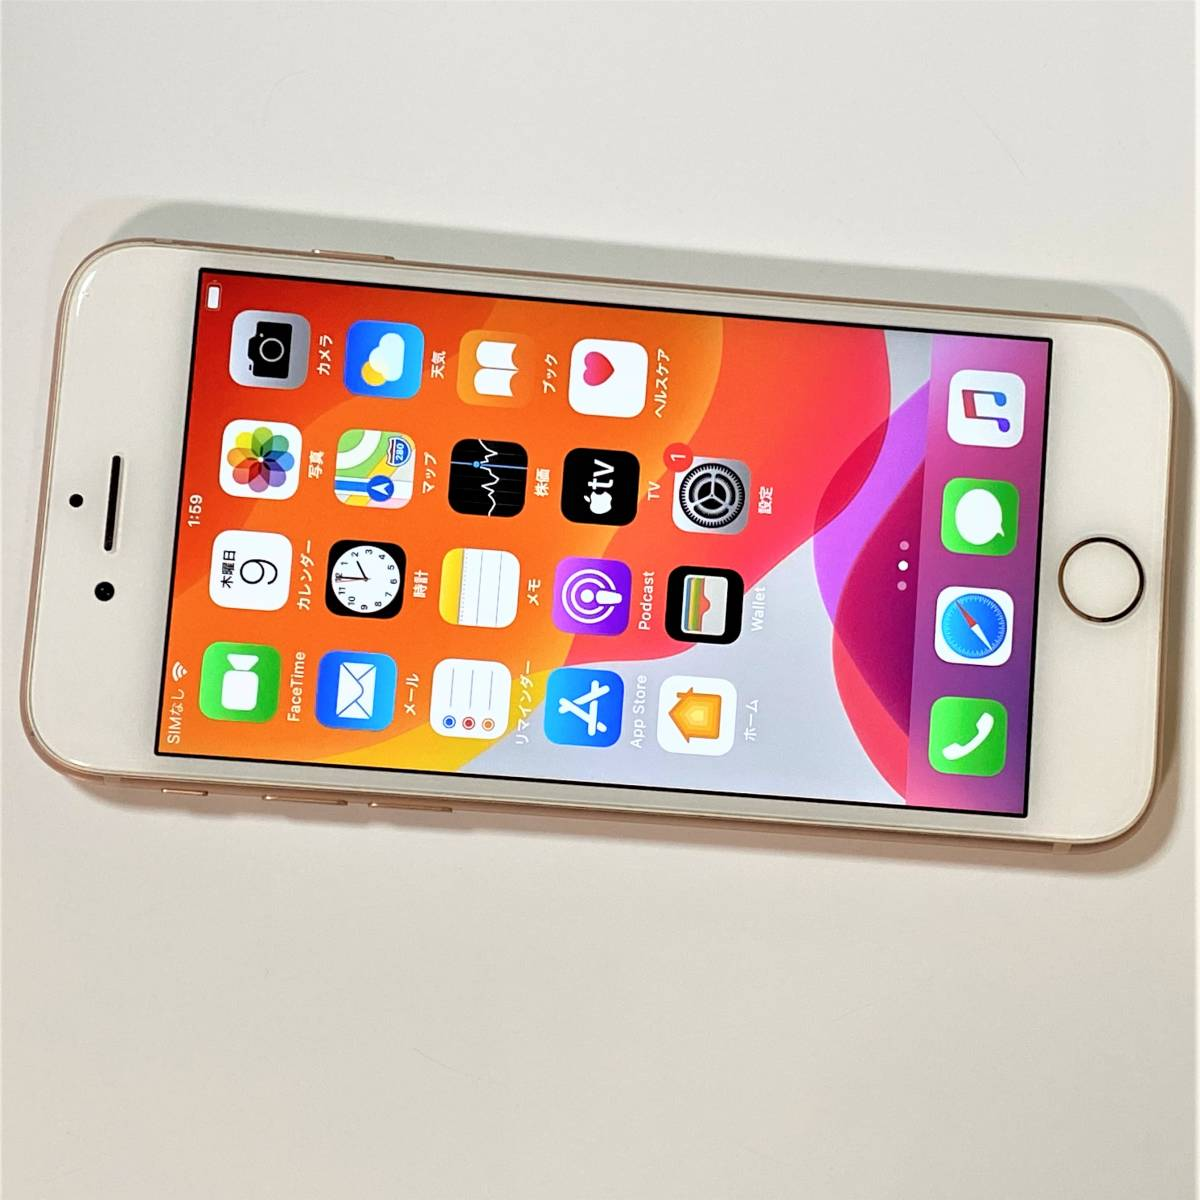 SIMフリー iPhone 8 ゴールド 256GB MQ862J/A バッテリー最大容量86% docomo 格安SIM MVNO 海外利用可能 アクティベーションロック解除済